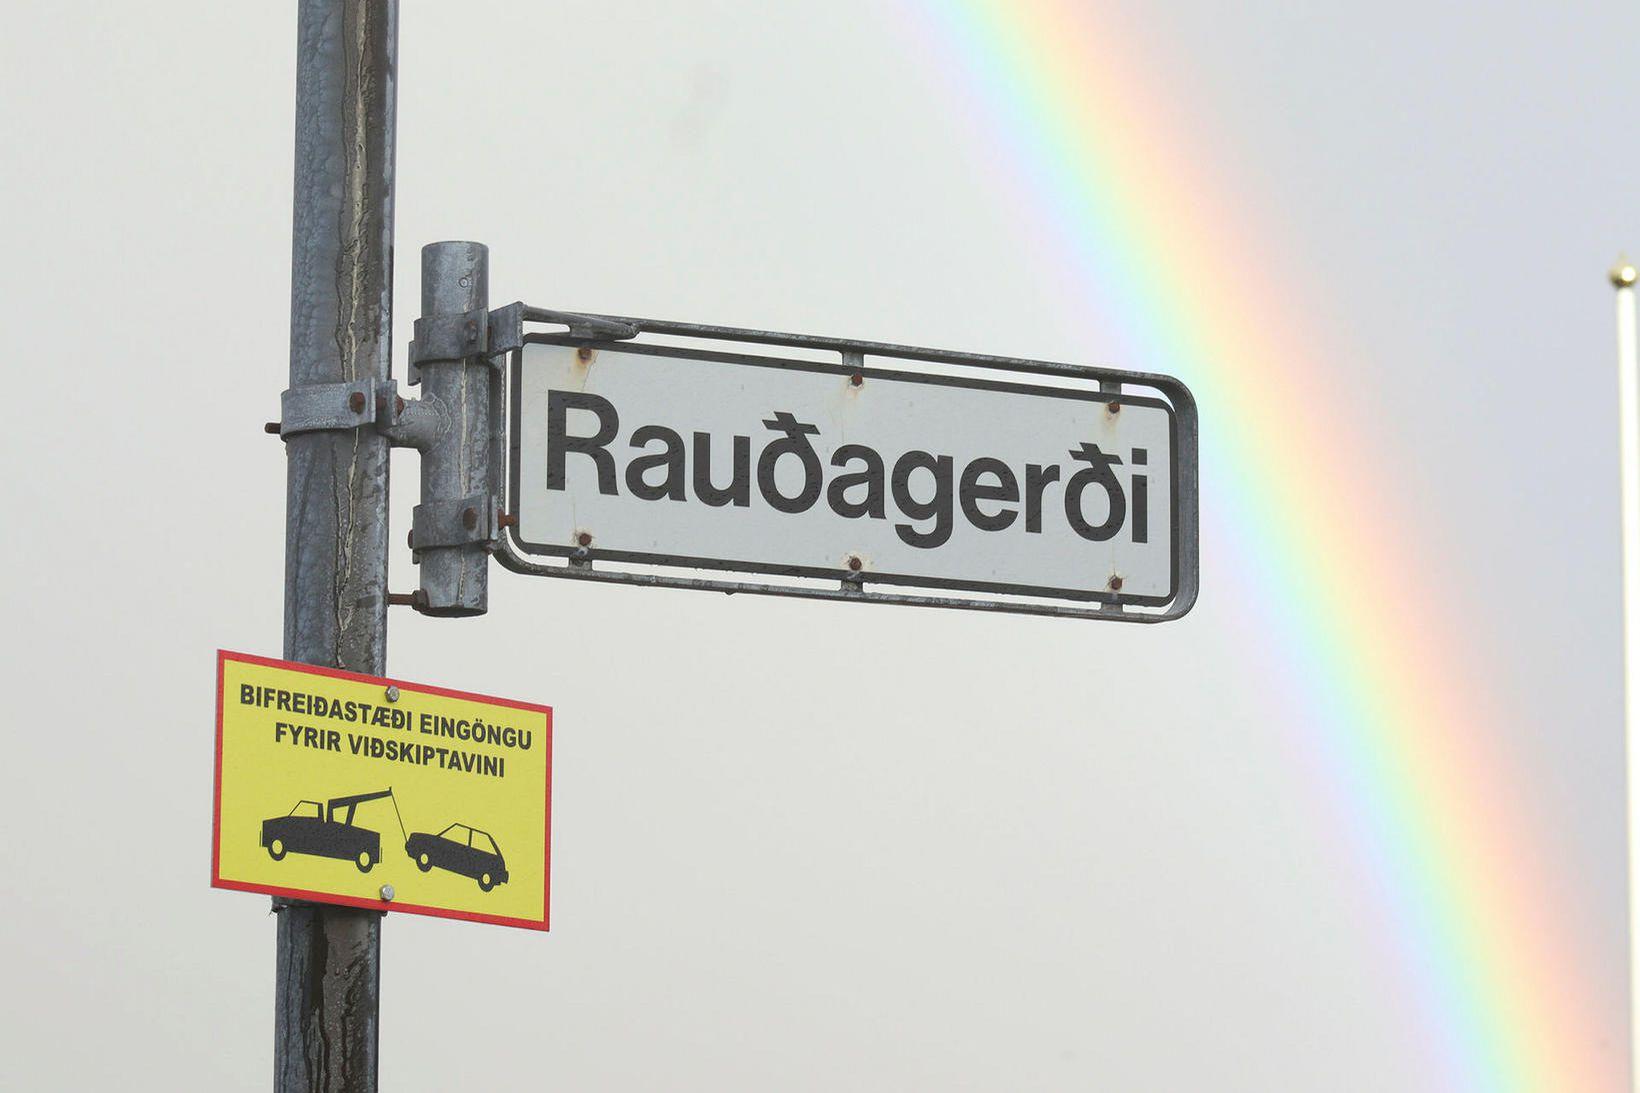 Morðið átti sér stað í Rauðagerði.